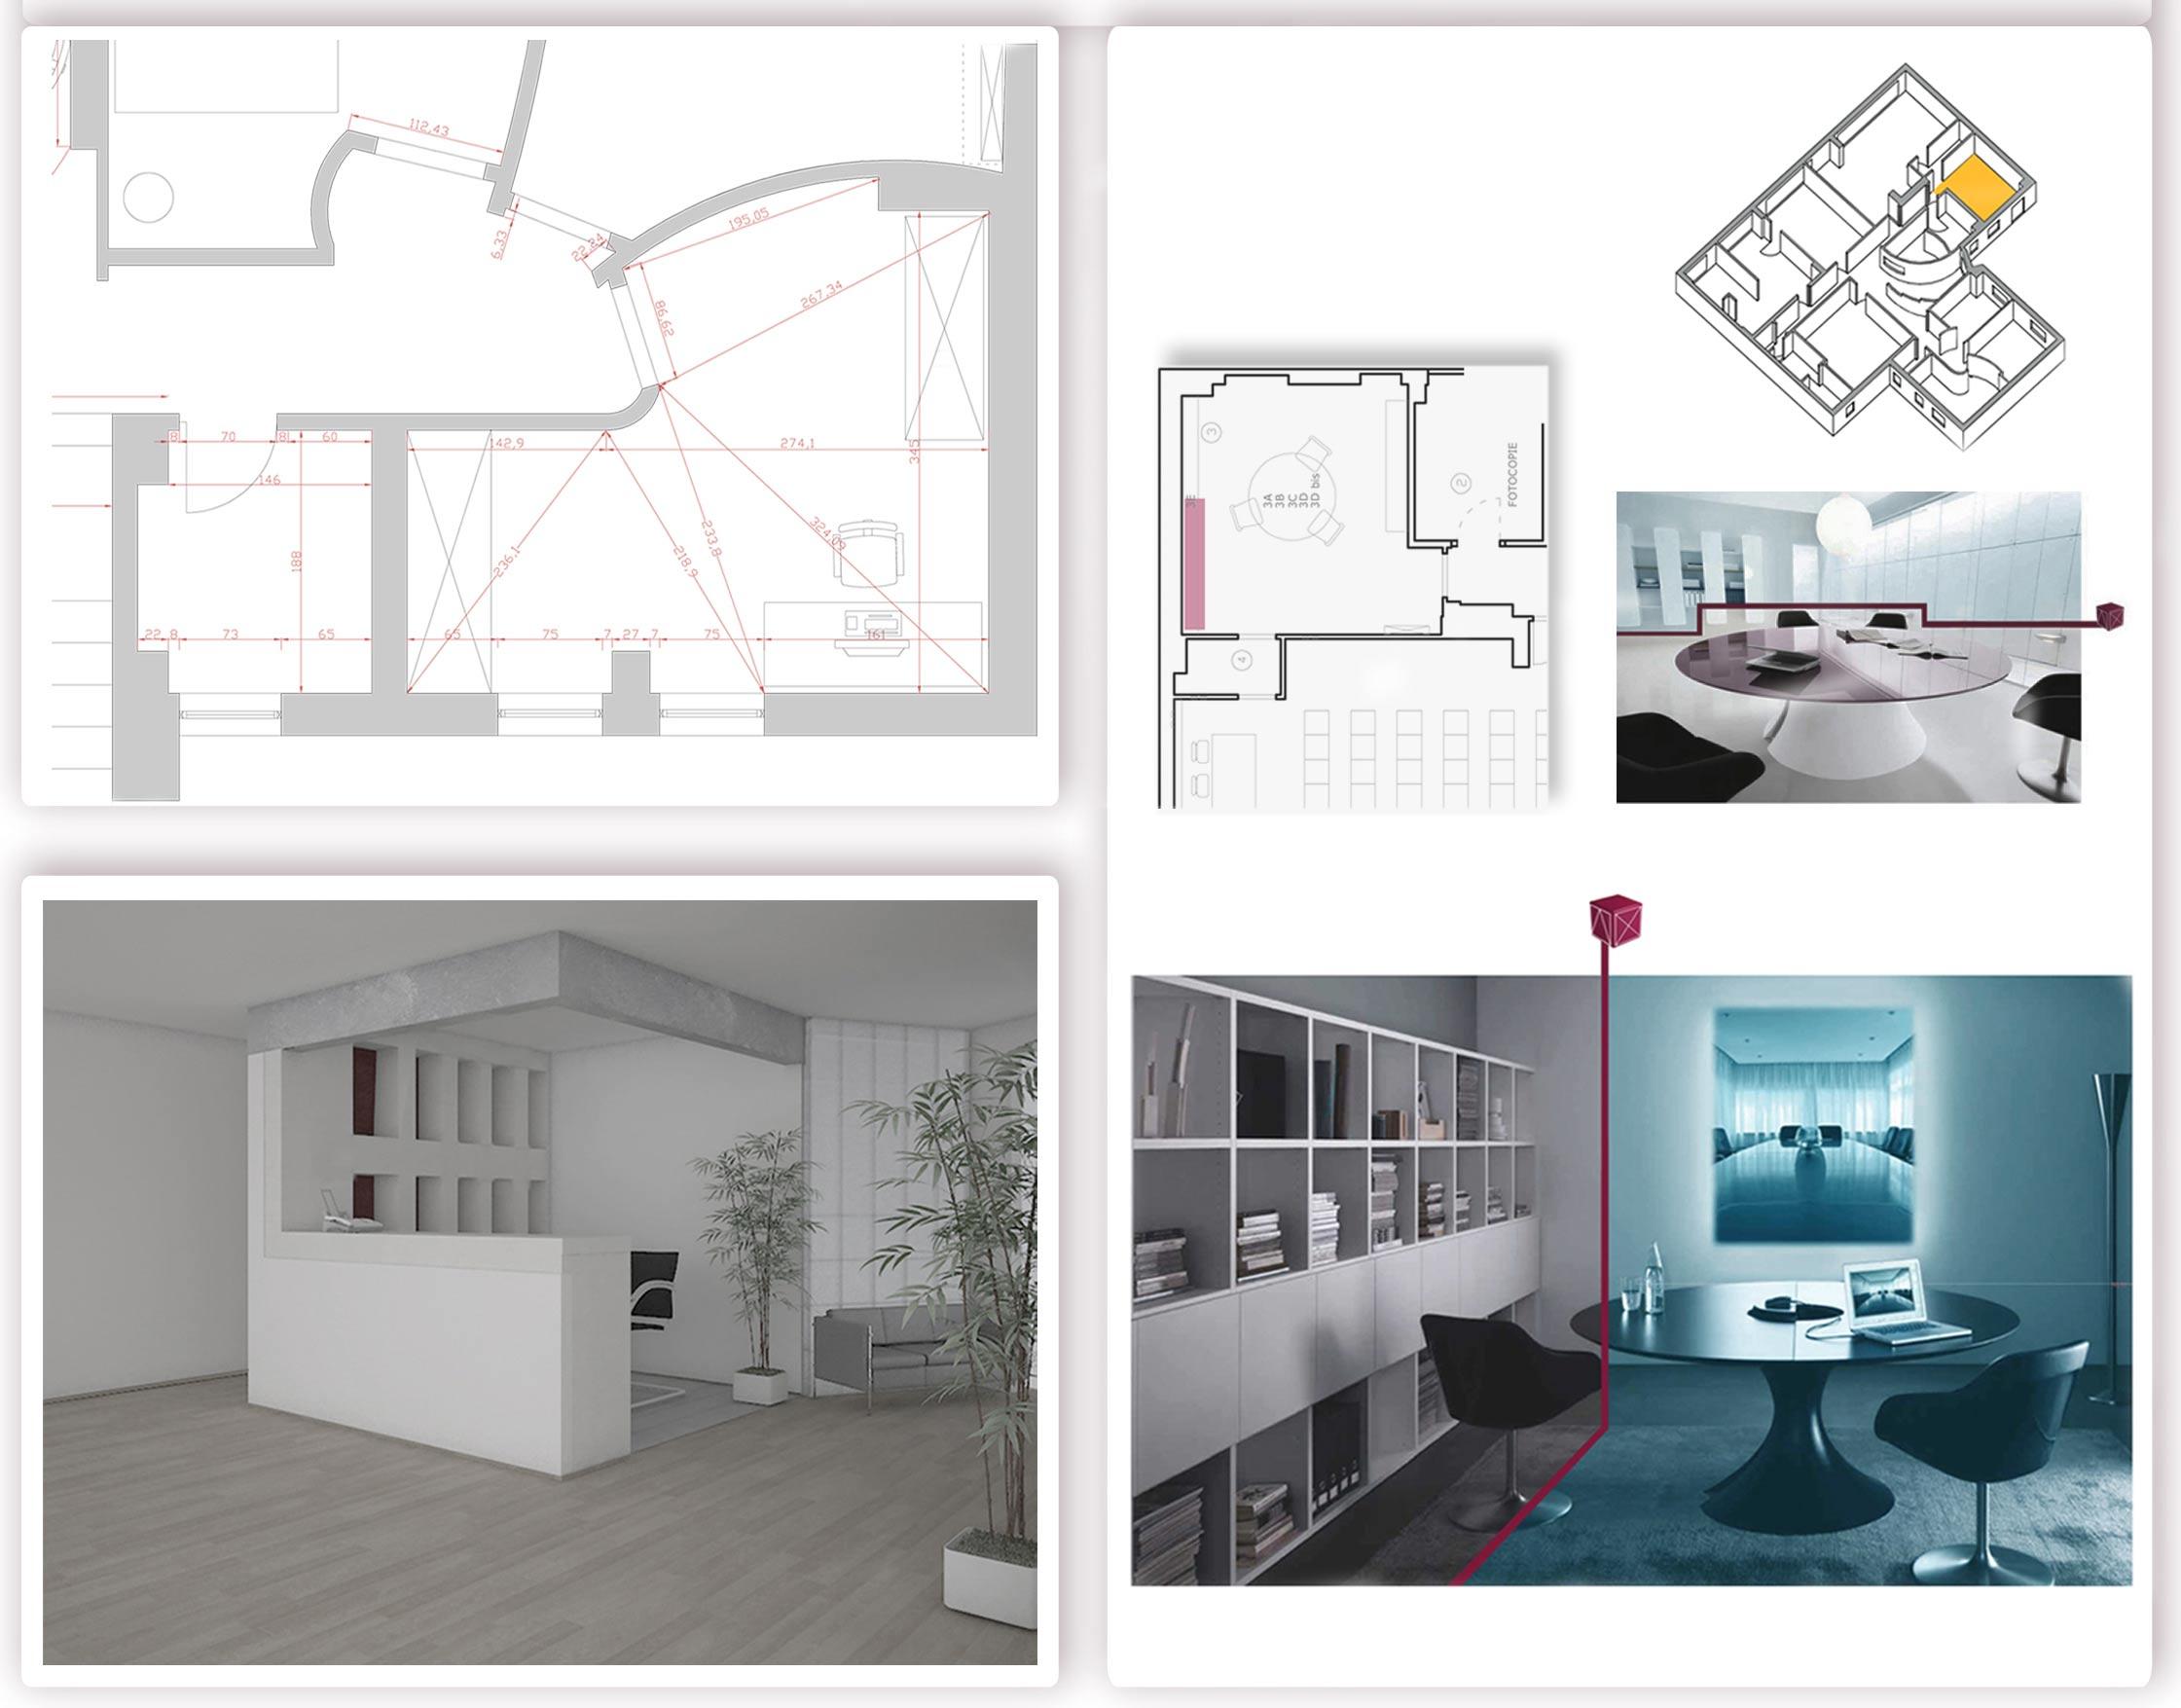 Studio legale for Progetti architettura on line